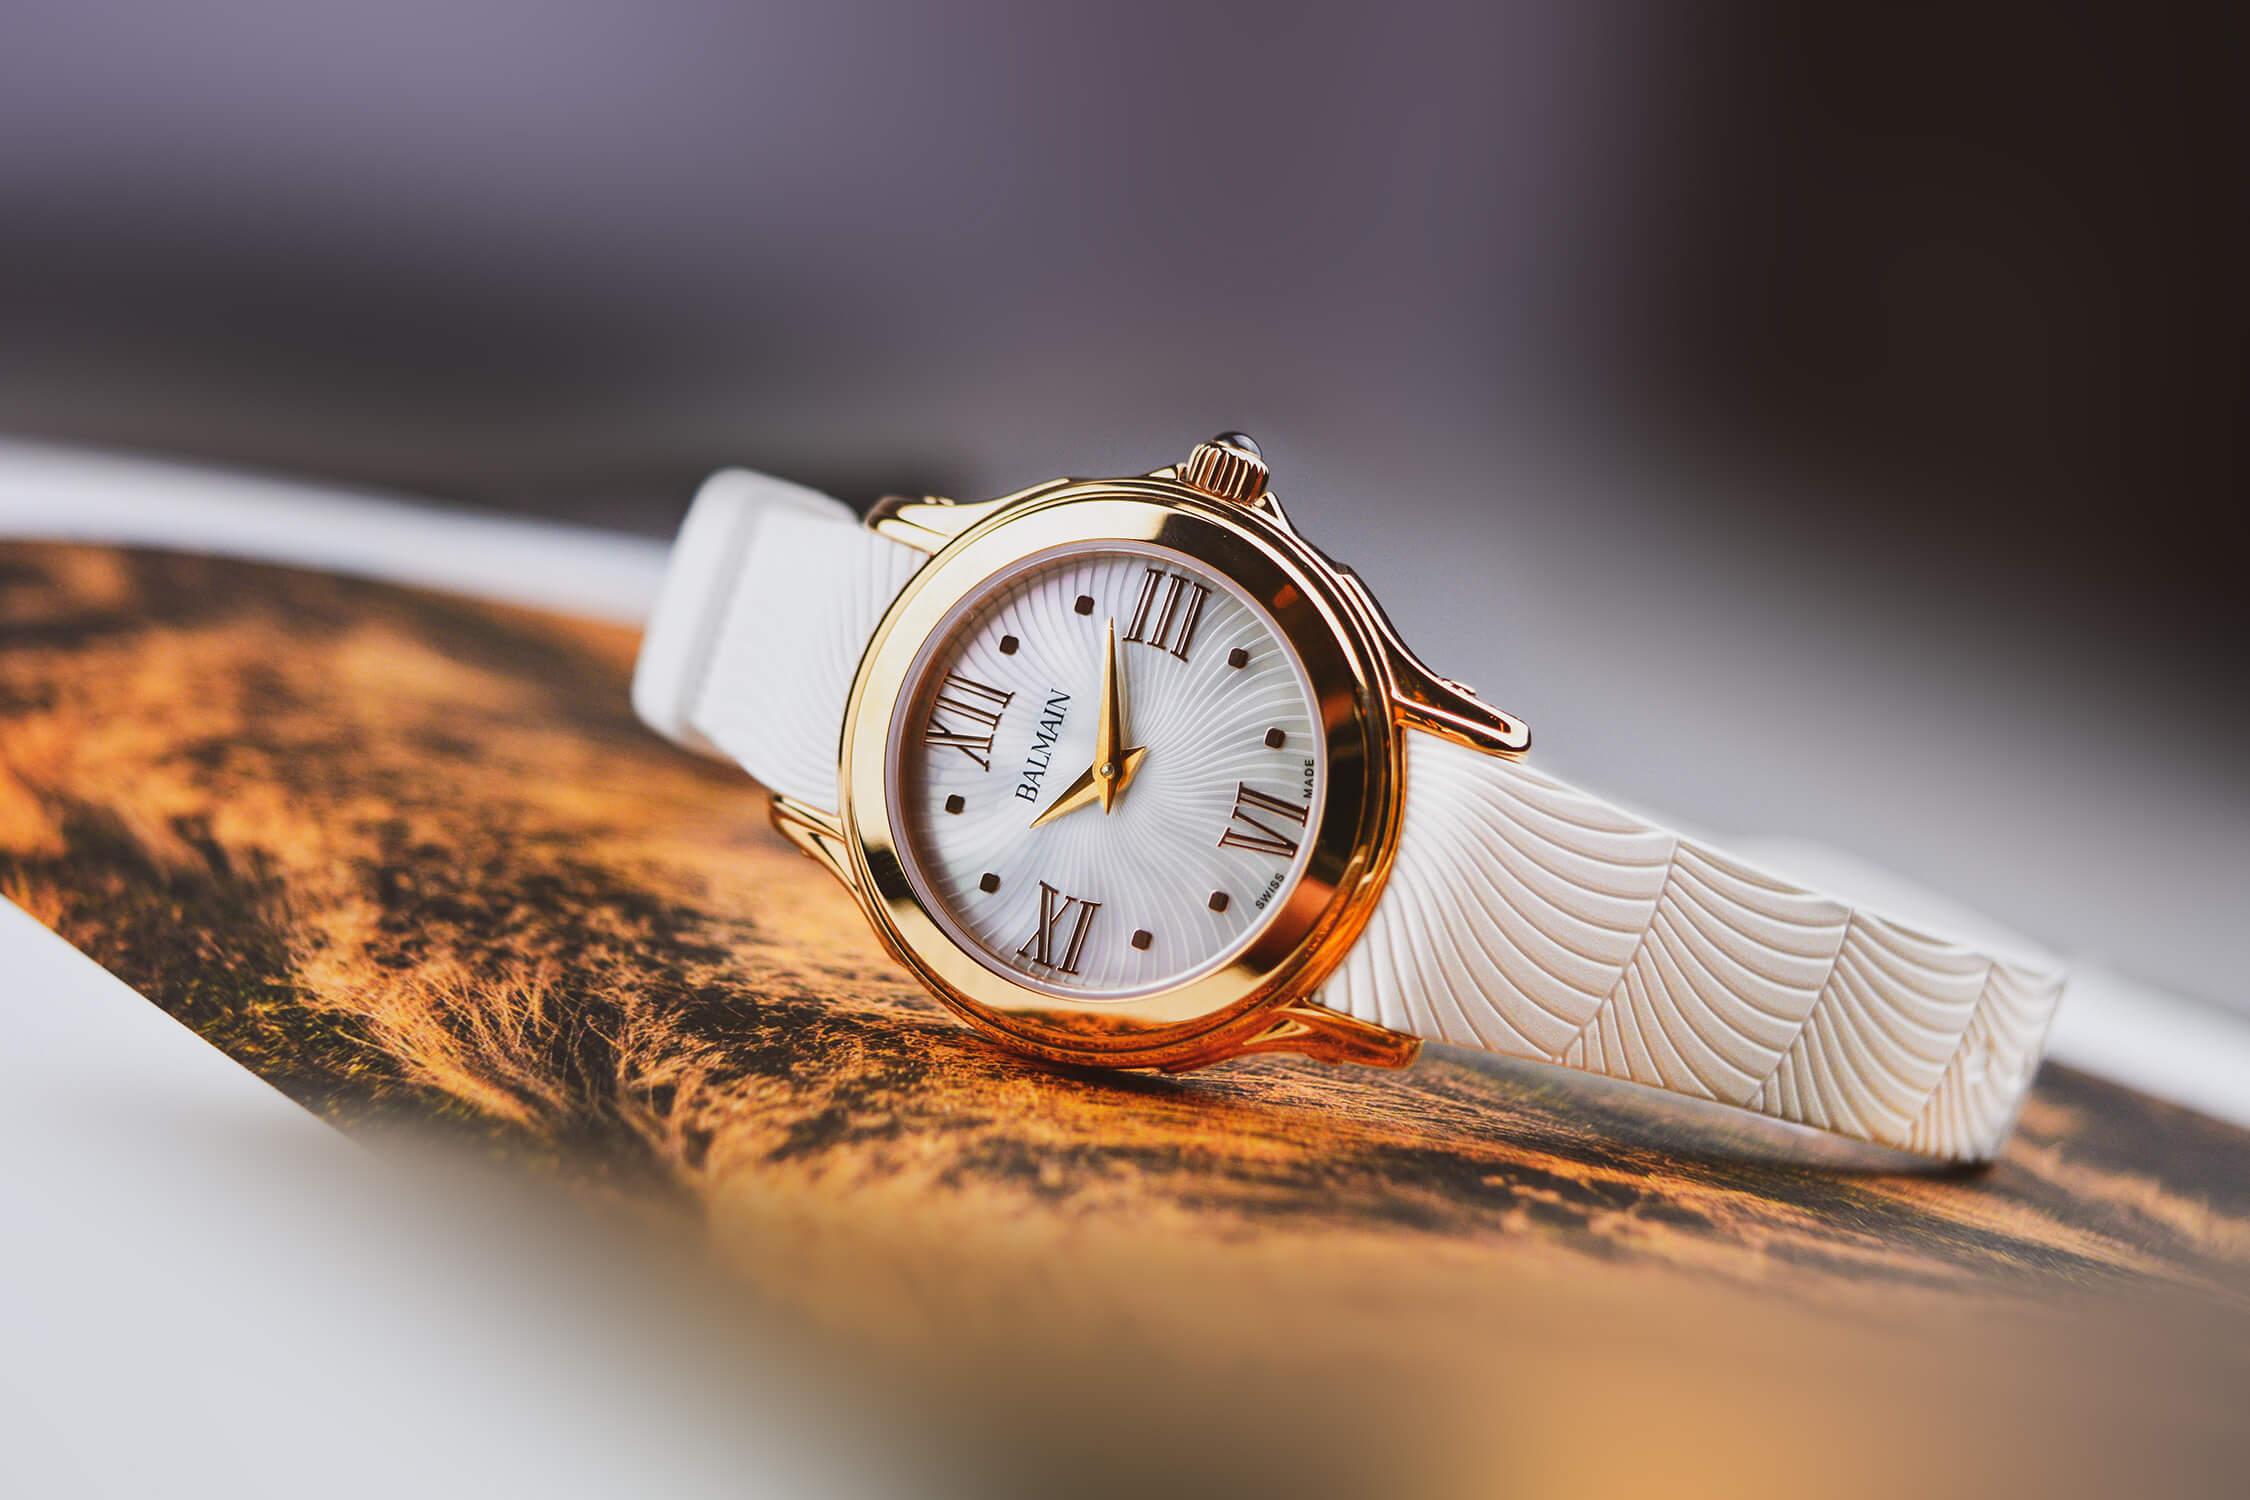 швейцарские часы бальма